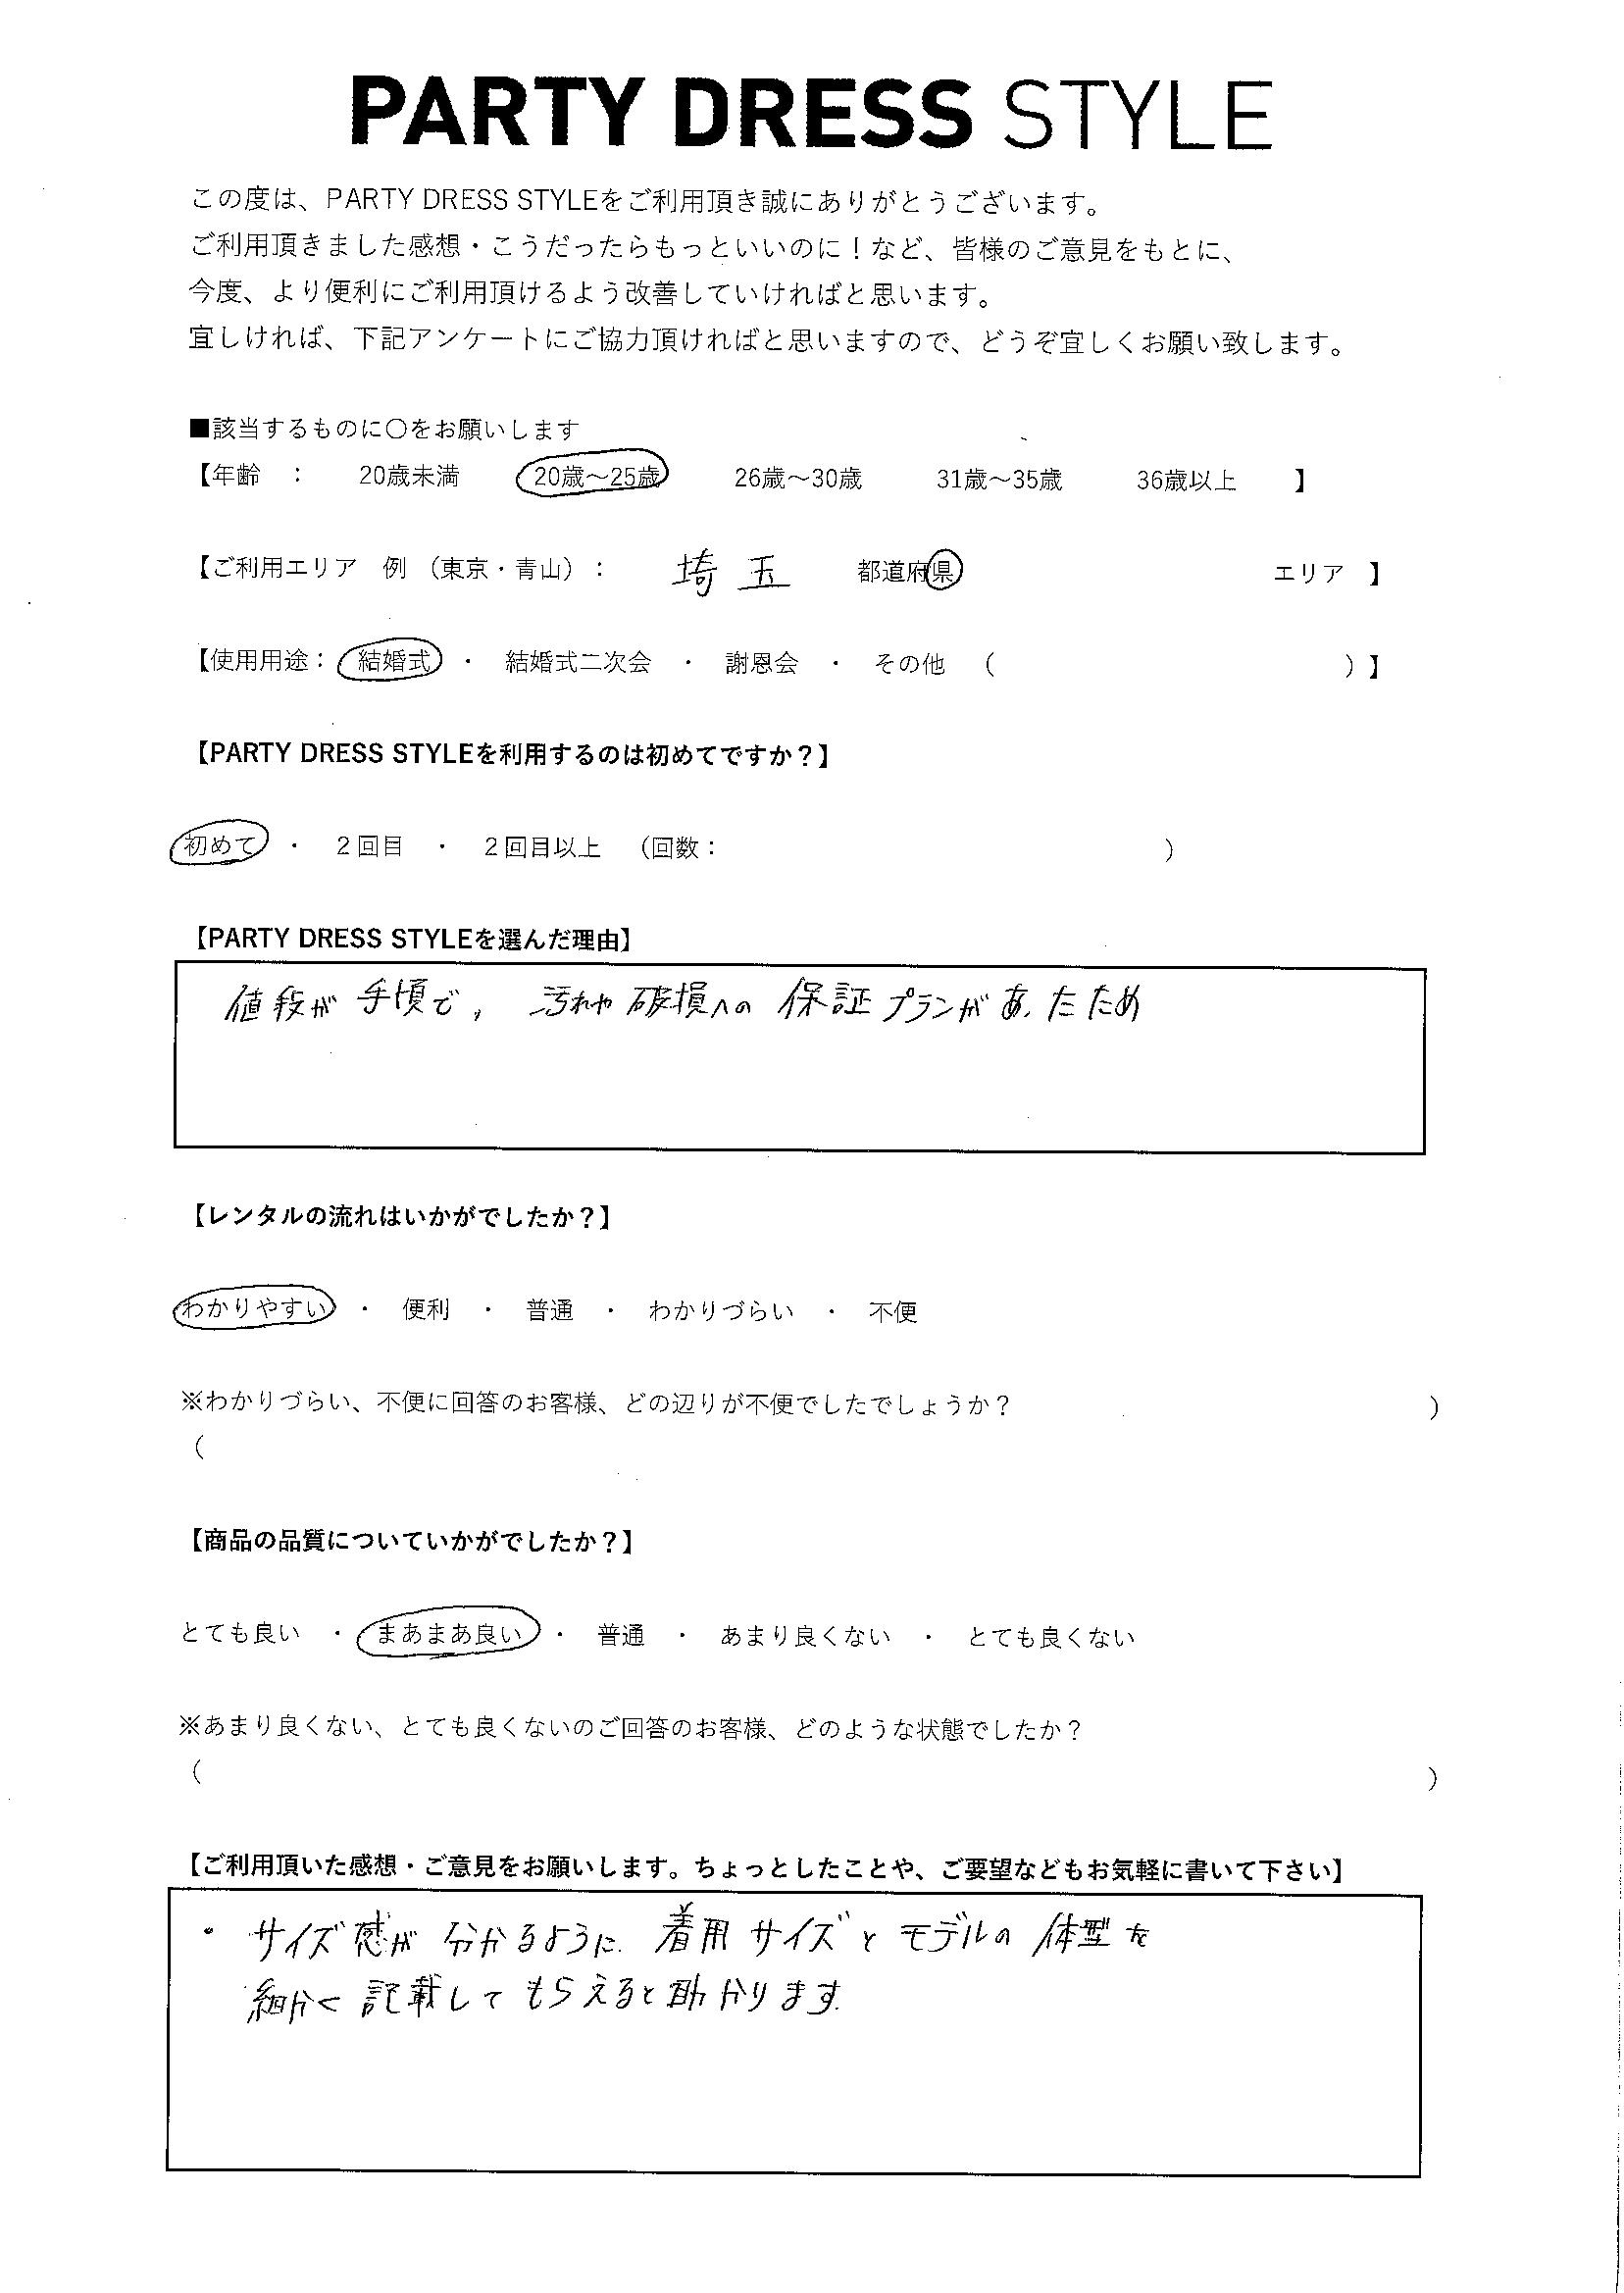 6/30結婚式 埼玉県利用